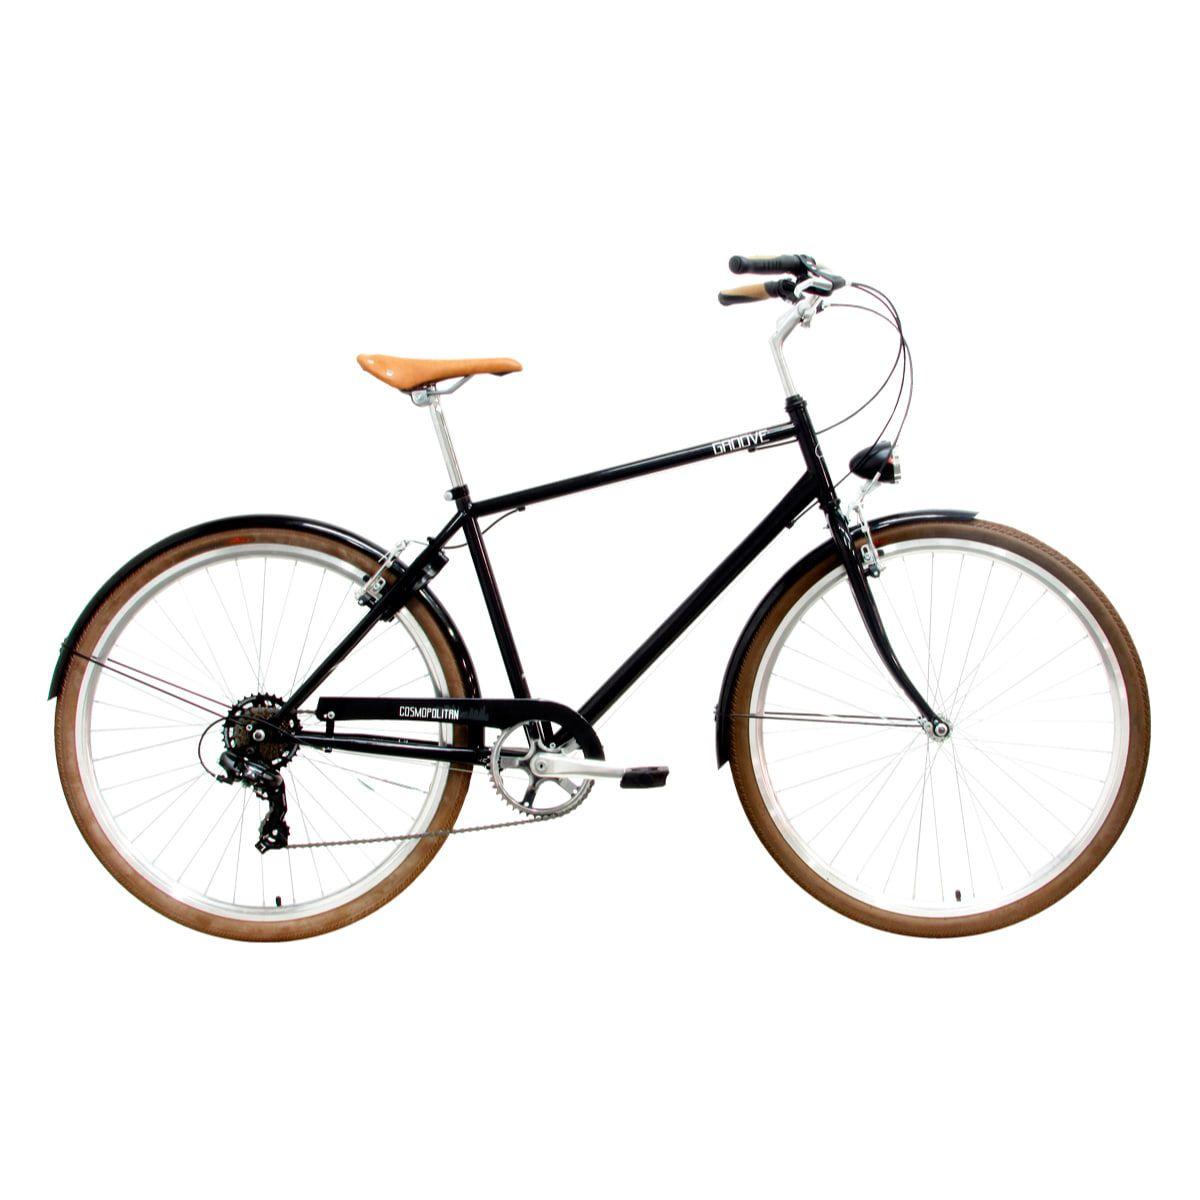 Bike Groove Cosmopolitan 7v 2019 Masculina Preta